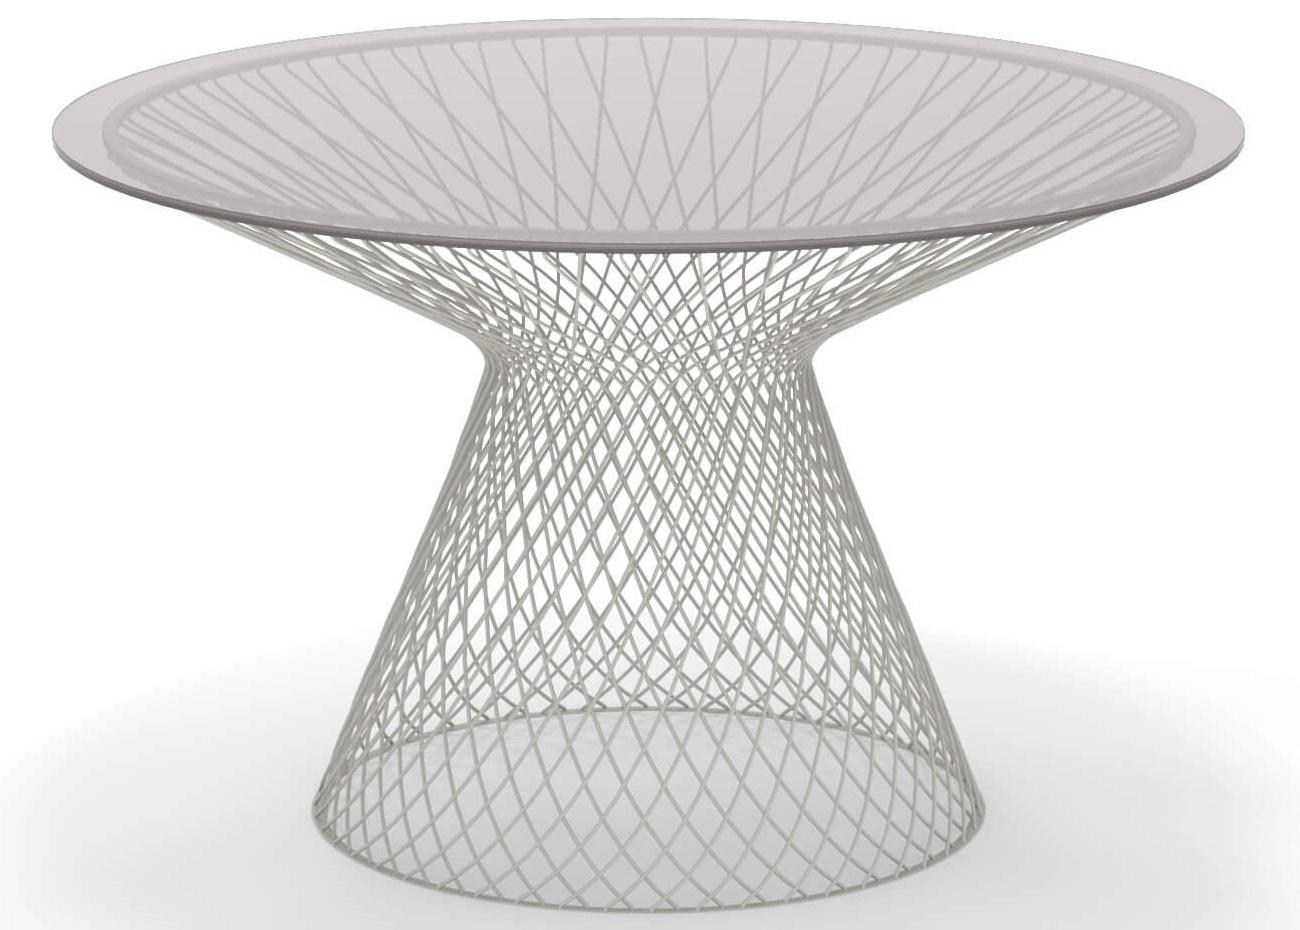 Emu designové jídelní stoly Heaven Table (průměr 120 cm)